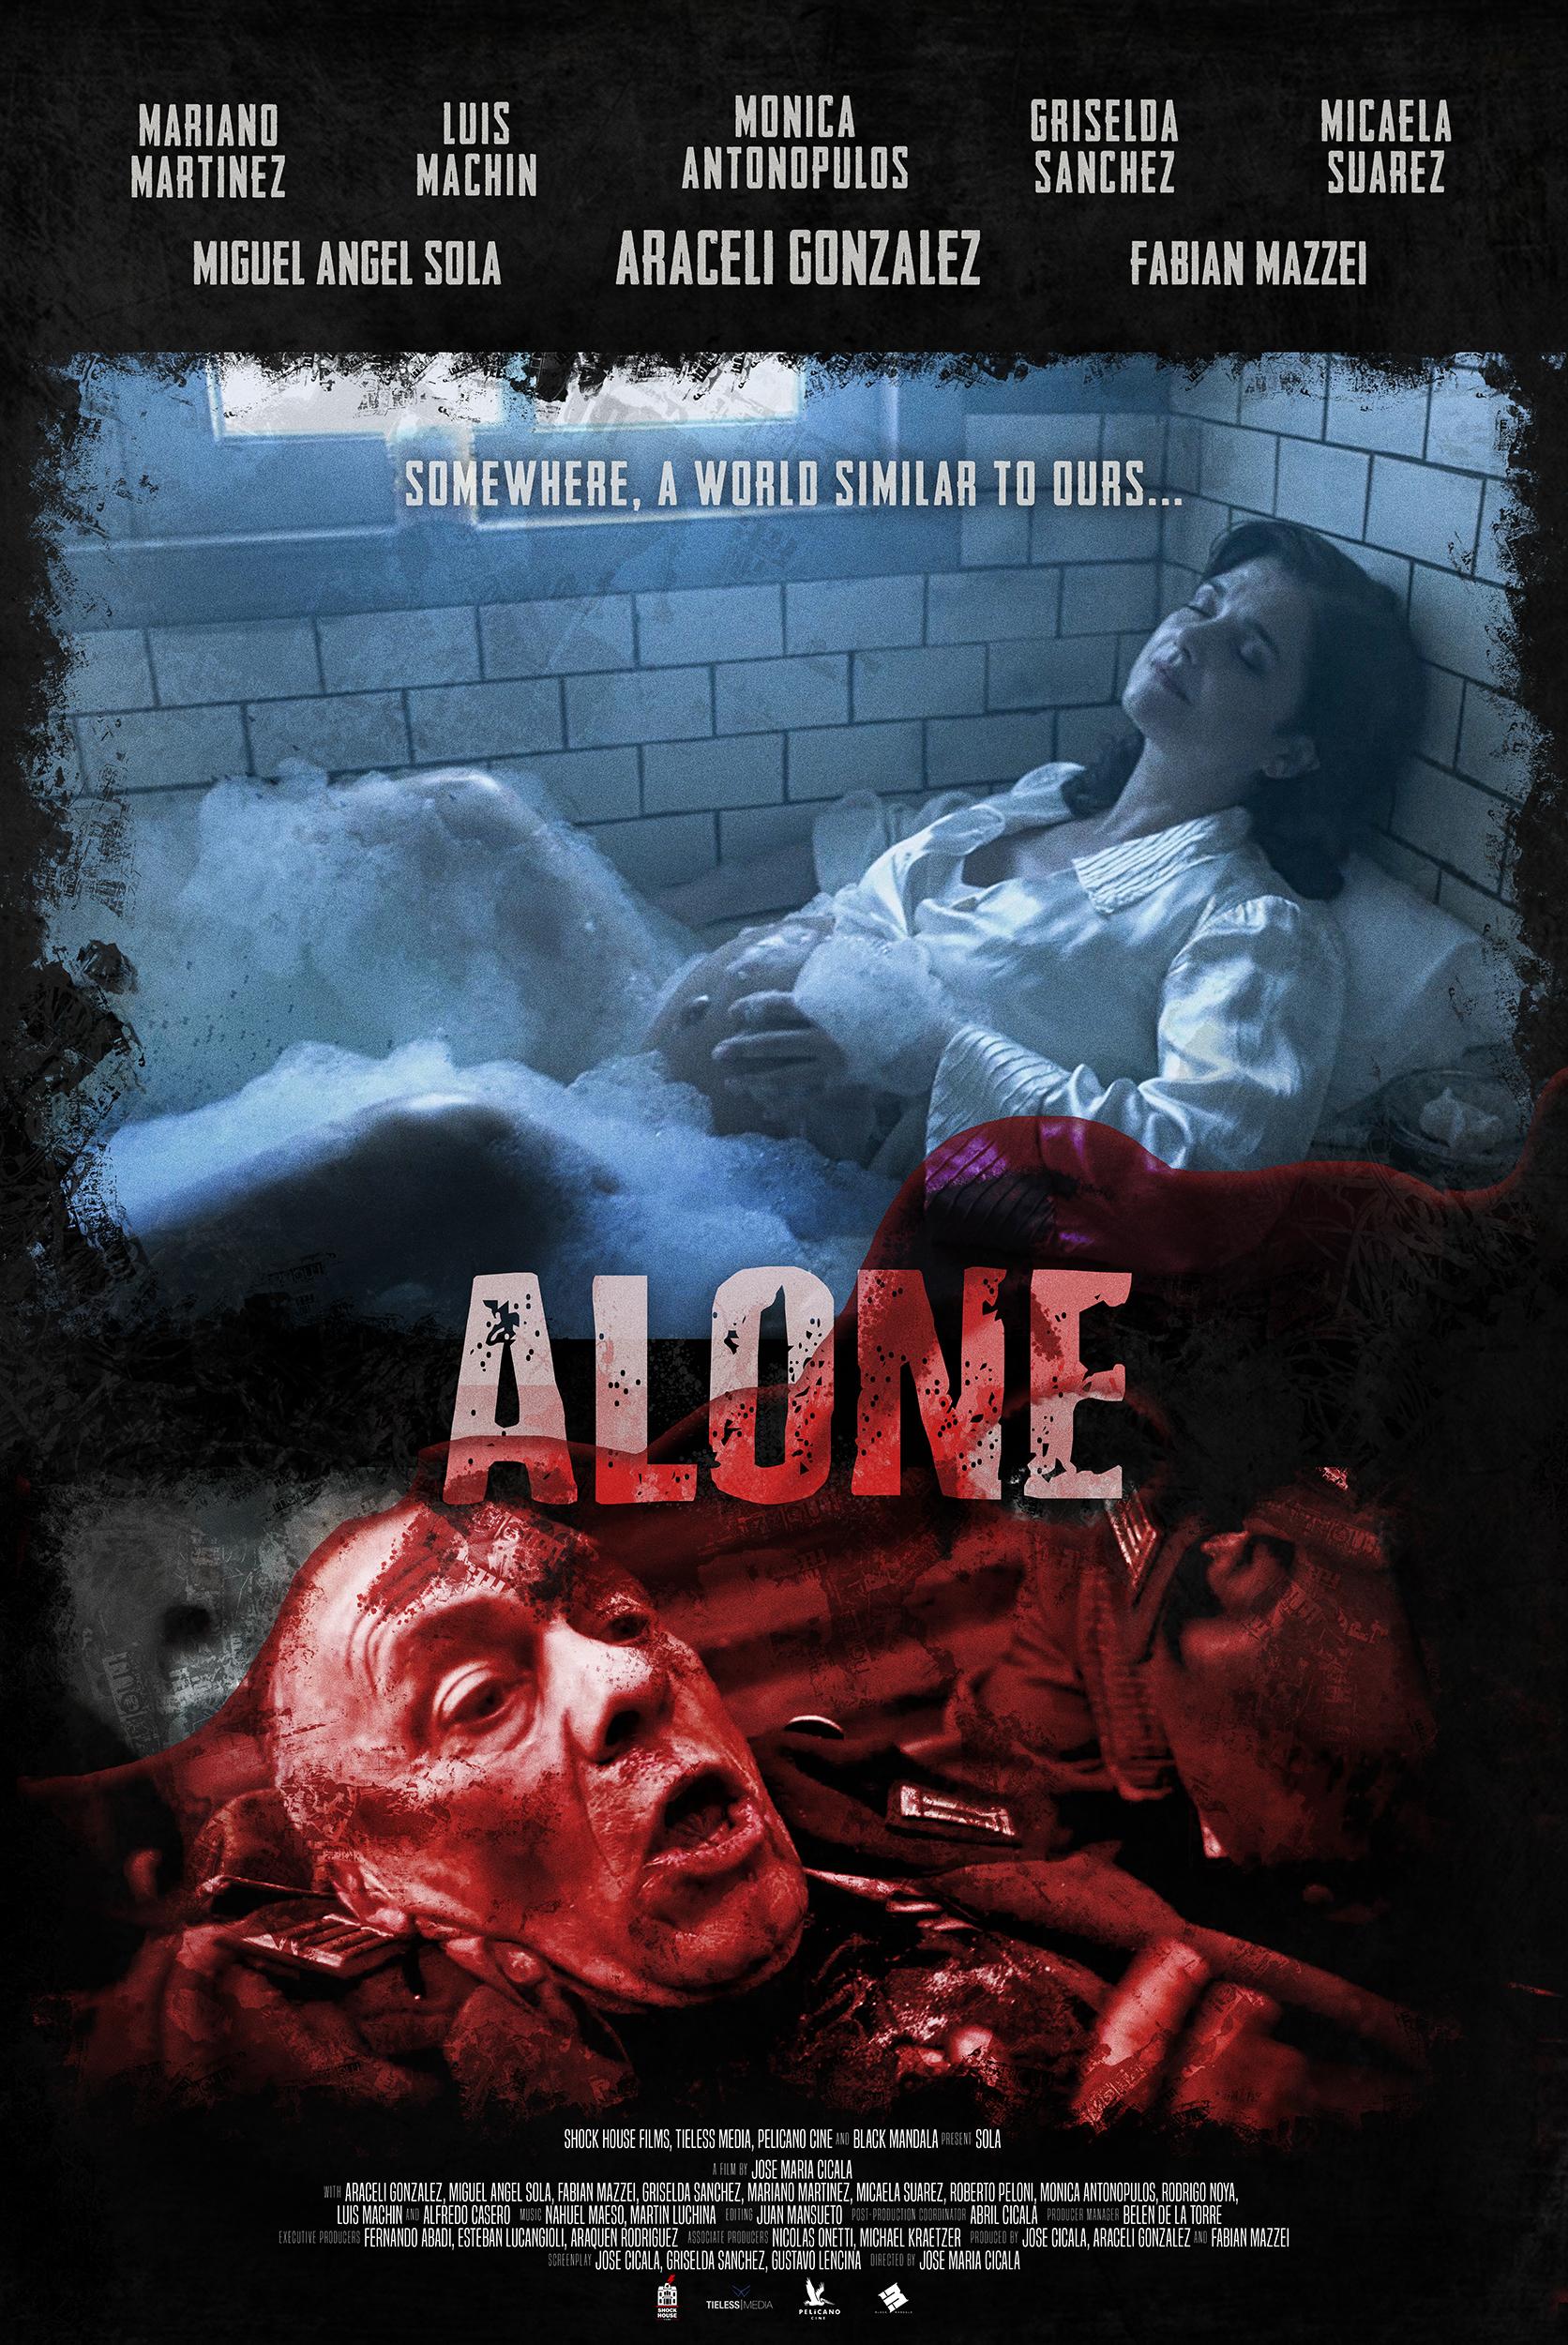 [NEWS] Trailer e locandine del thriller Alone di José María Cicala